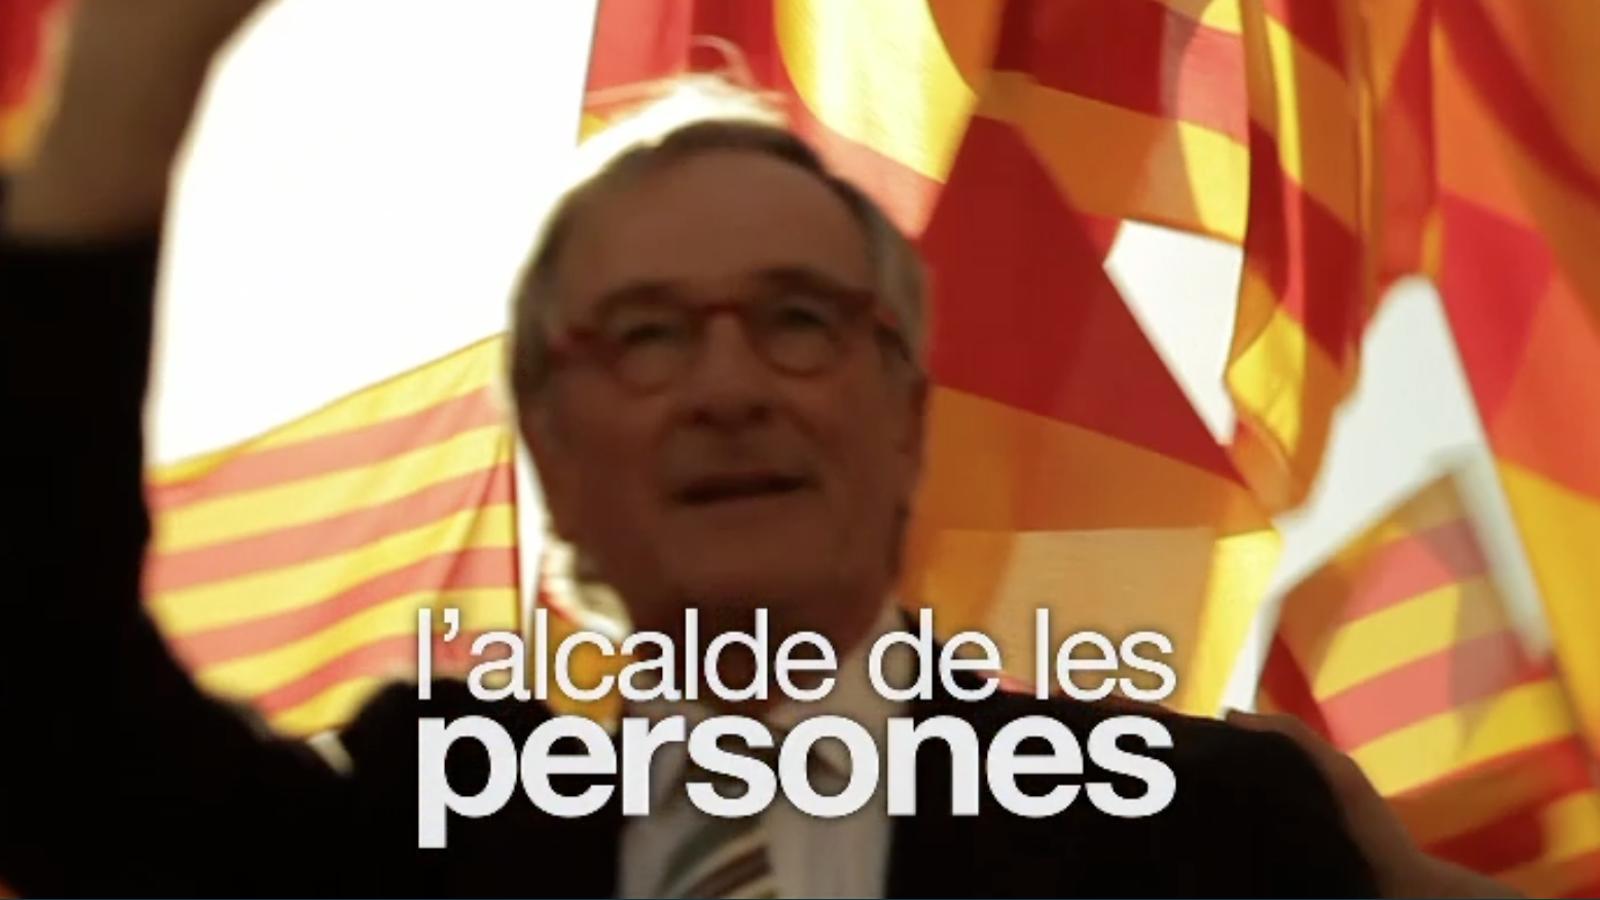 'L'alcalde de les persones', vídeo electoral de CiU amb Xavier Trias